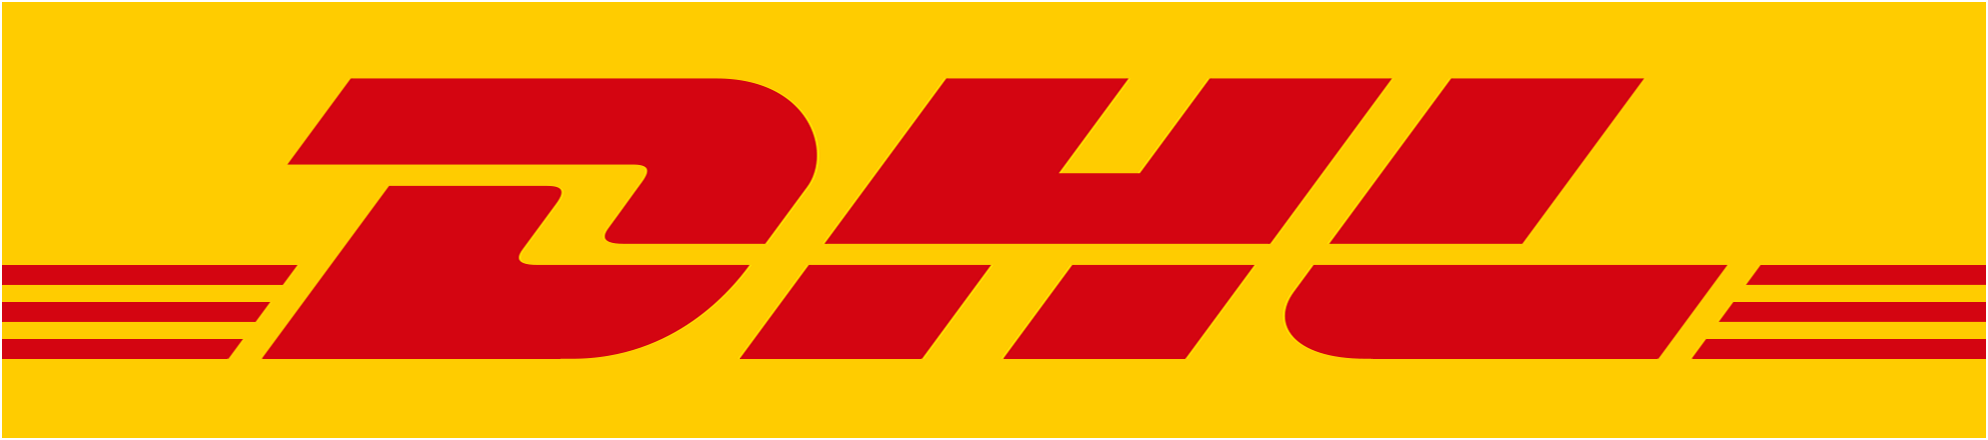 디에이치엘의 계열사 (주)디에이치엘코리아의 로고